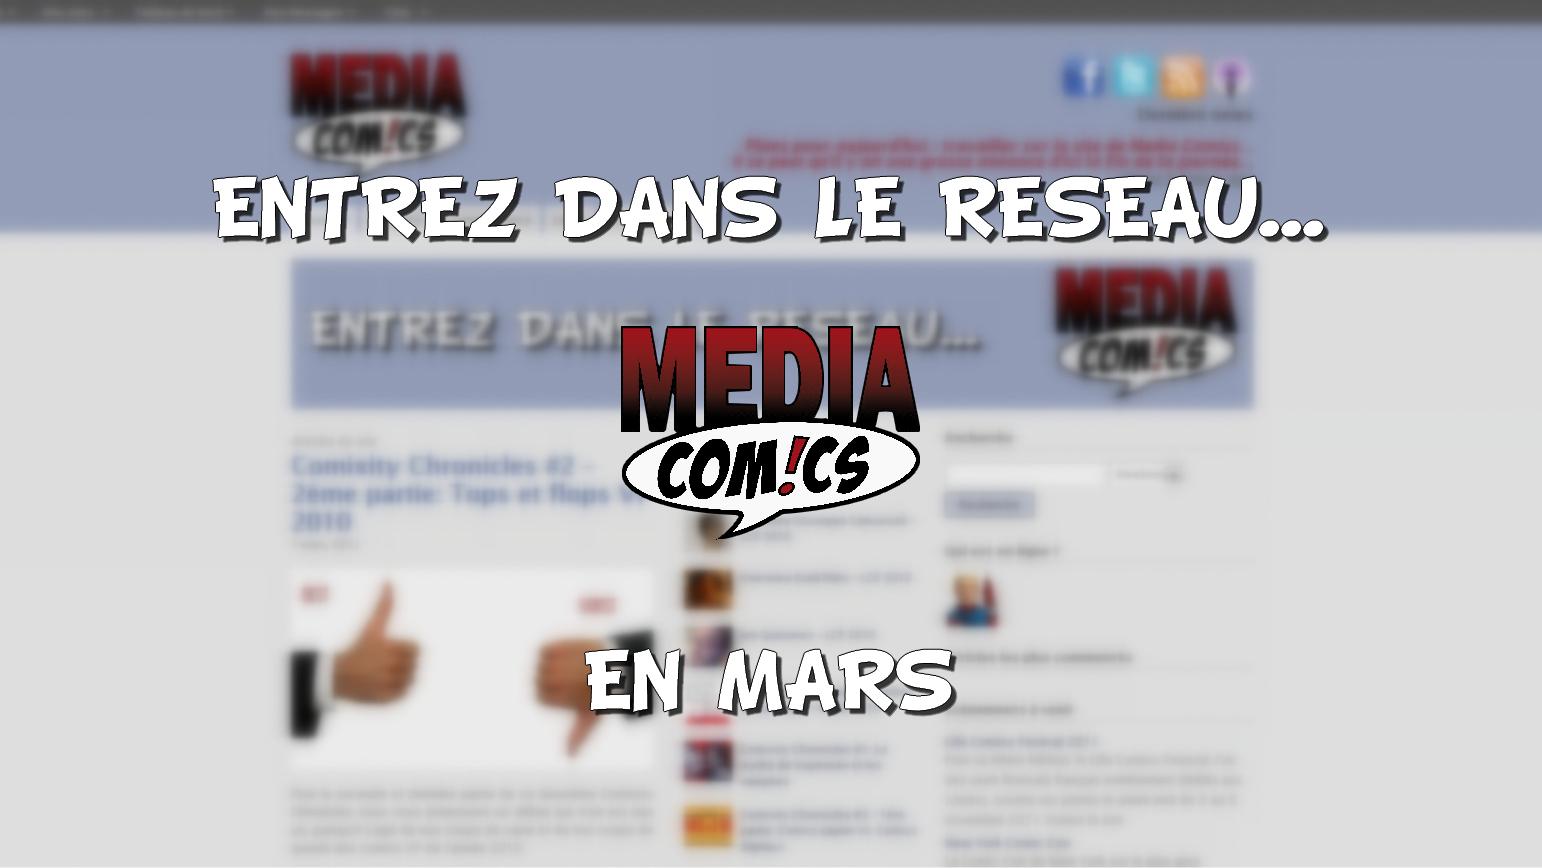 Media Comics